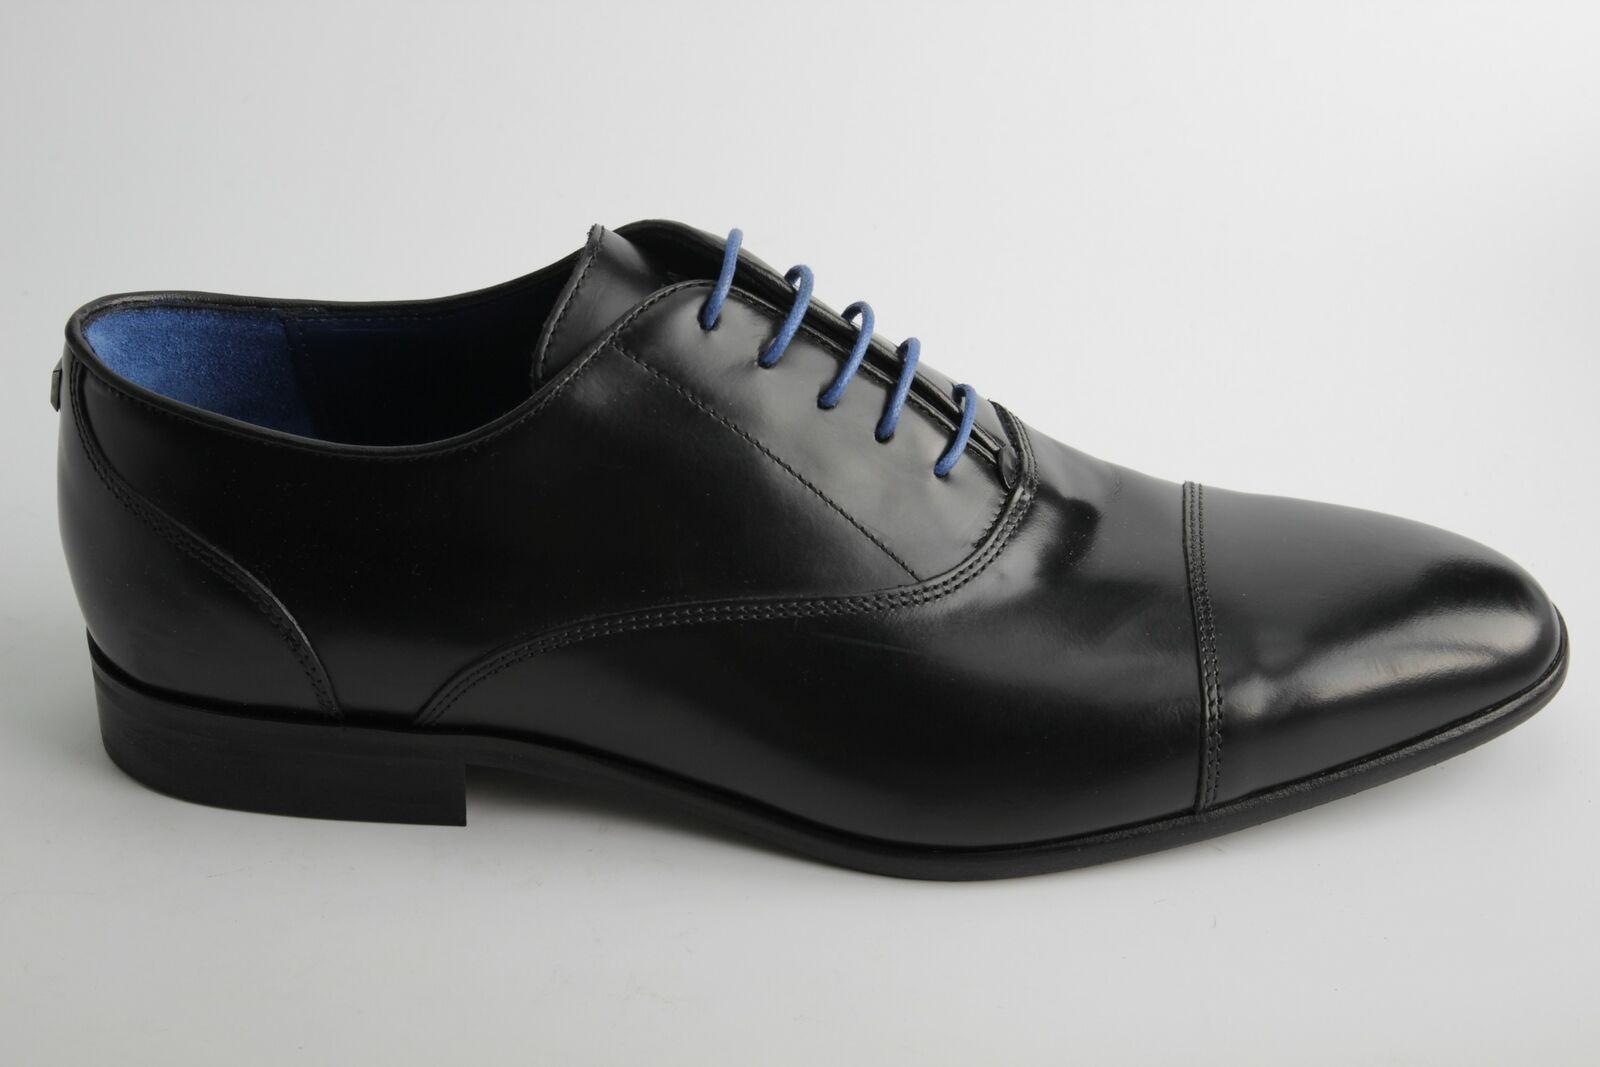 Azzaro Paris Herrenschuh VN82102 RAEL Schnürschuh Schwarz Leder Business Schuh